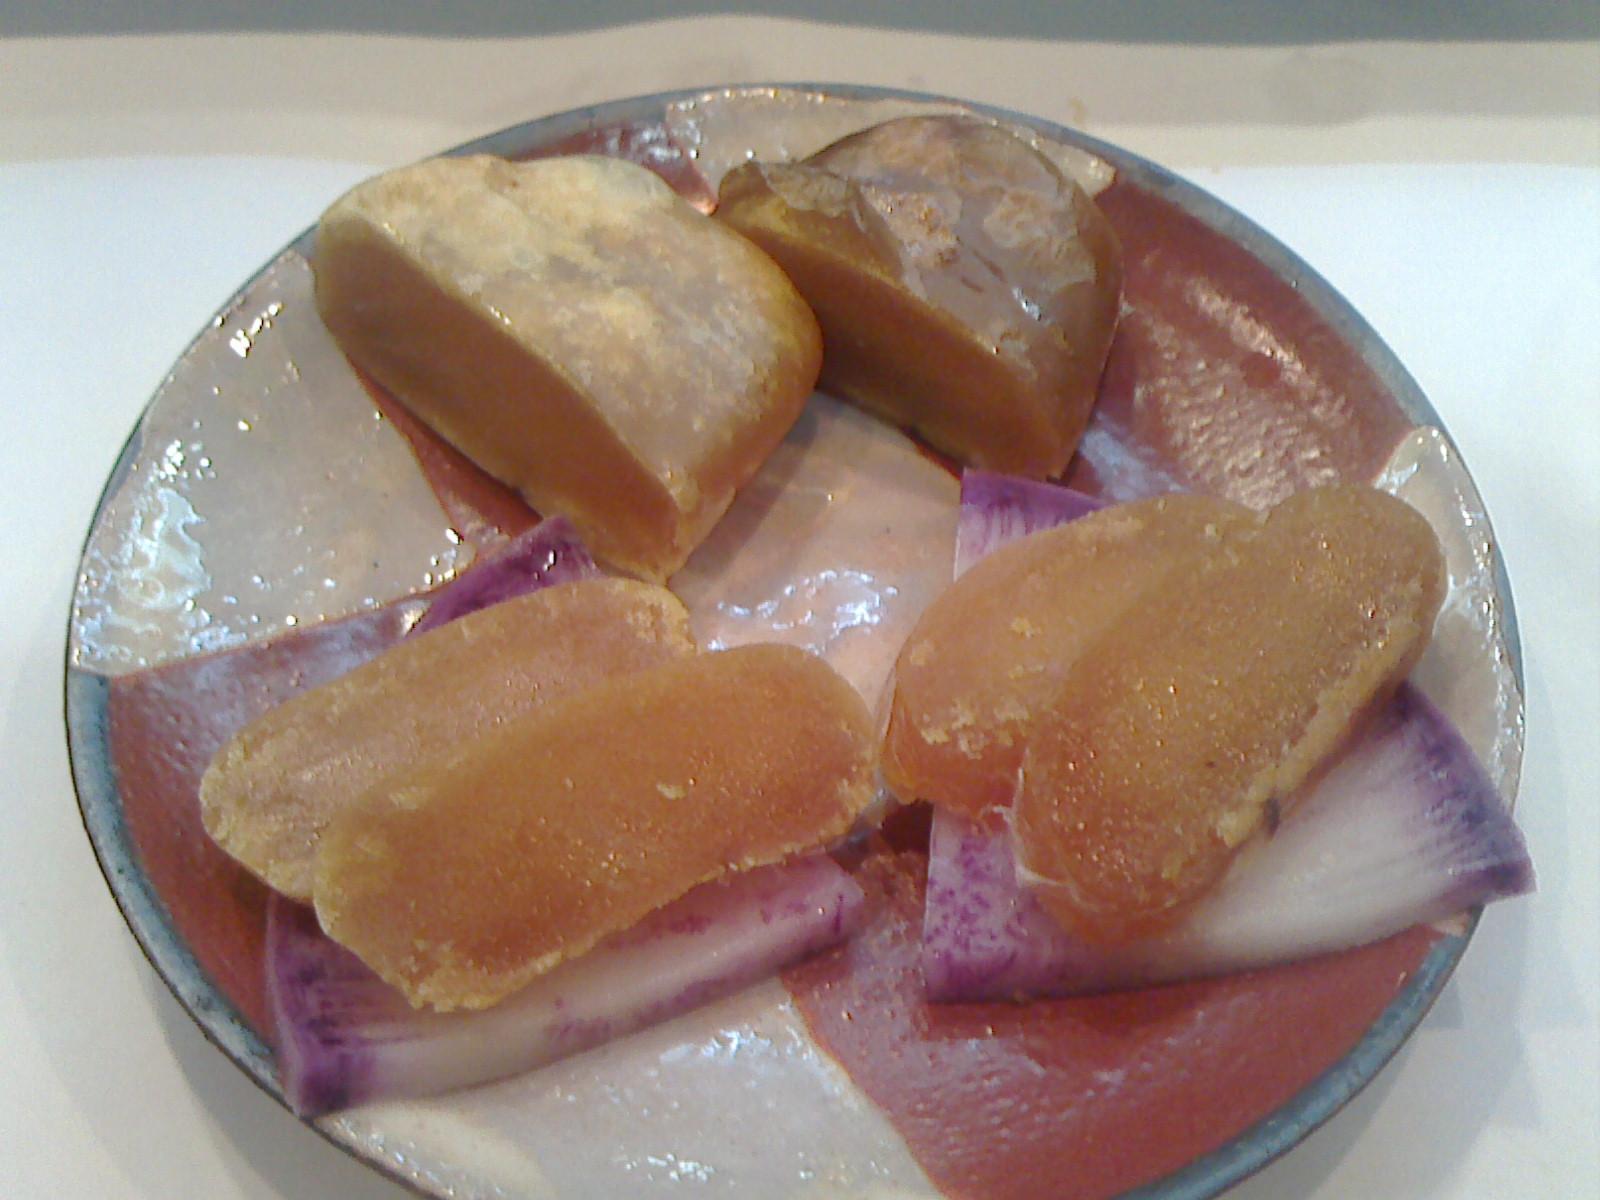 千葉でとても美味しいお寿司をお腹いっぱいいただきました。_c0225997_1141017.jpg